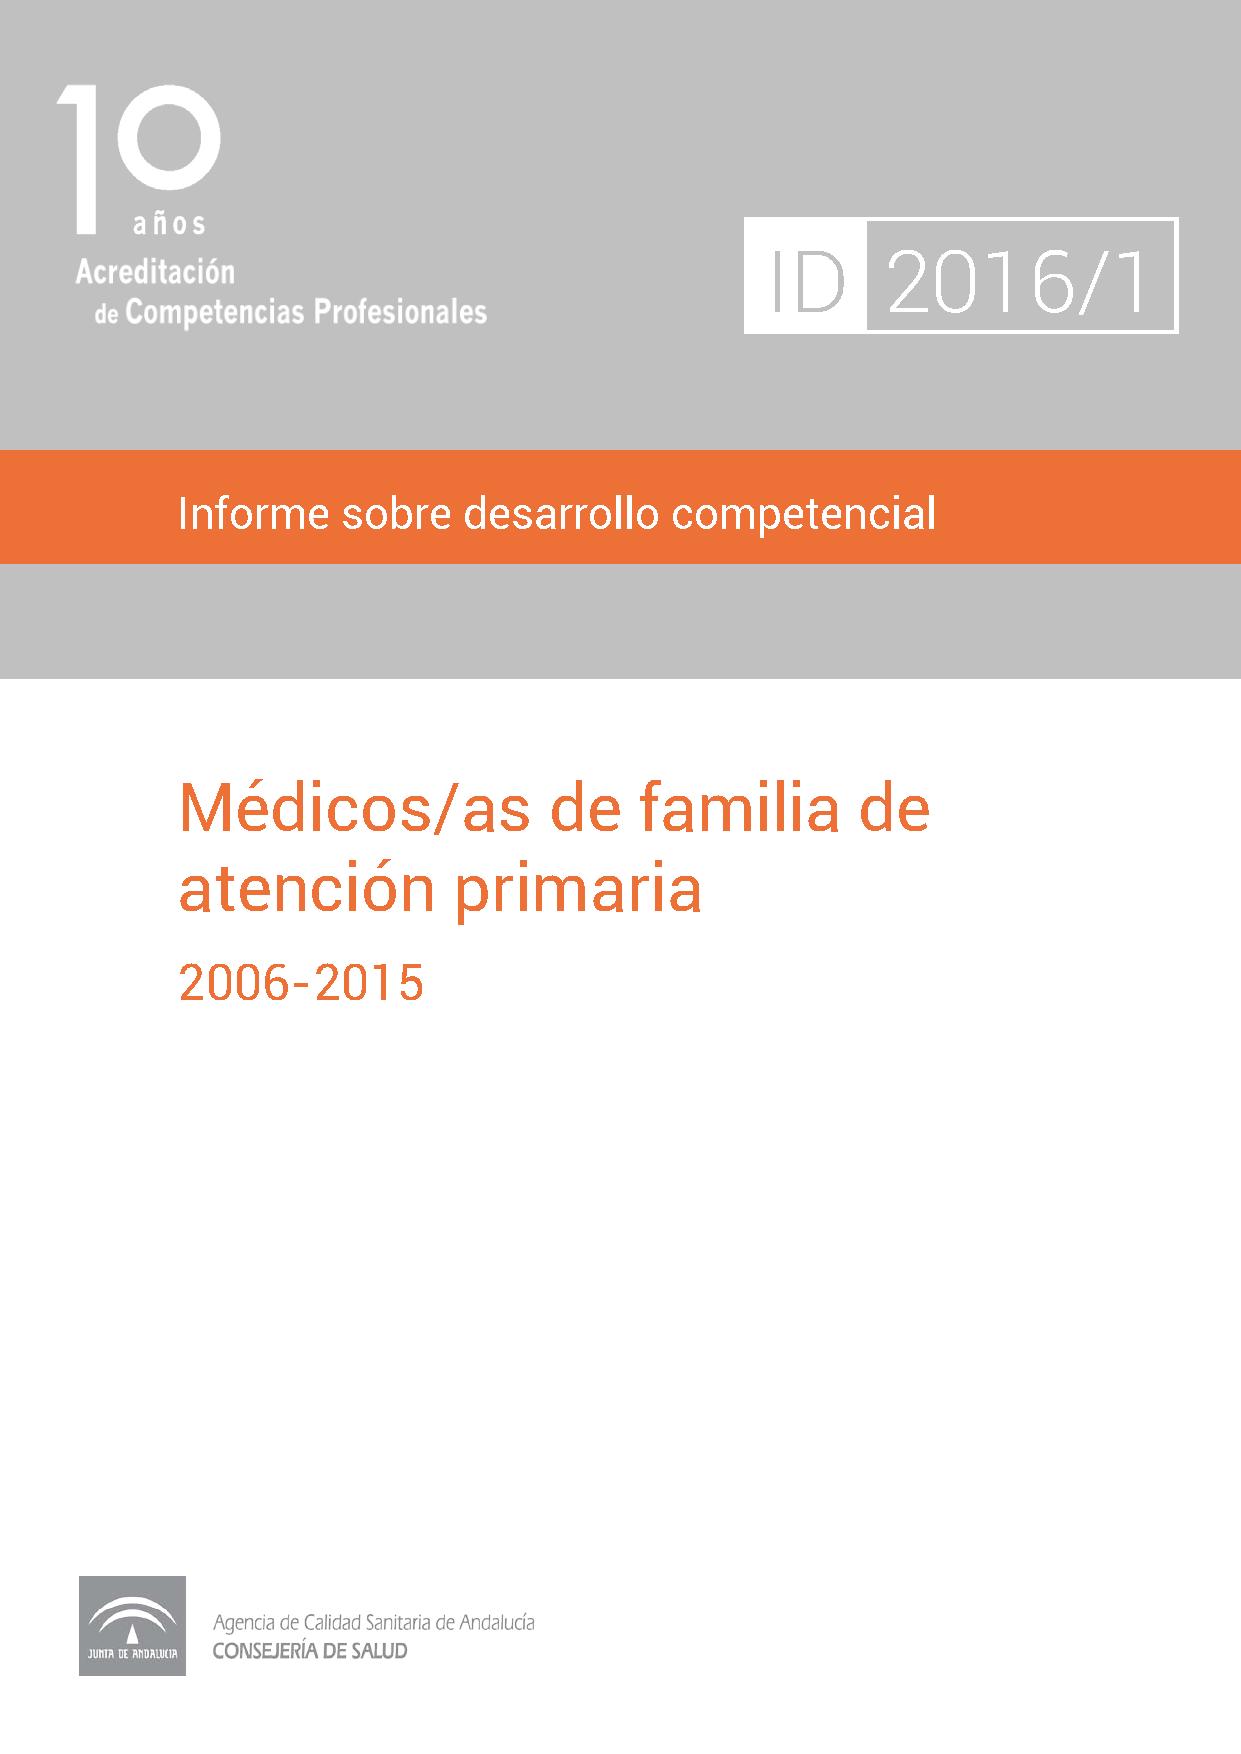 Informe sobre desarrollo competencial: Médicos/as de familia de atención primaria